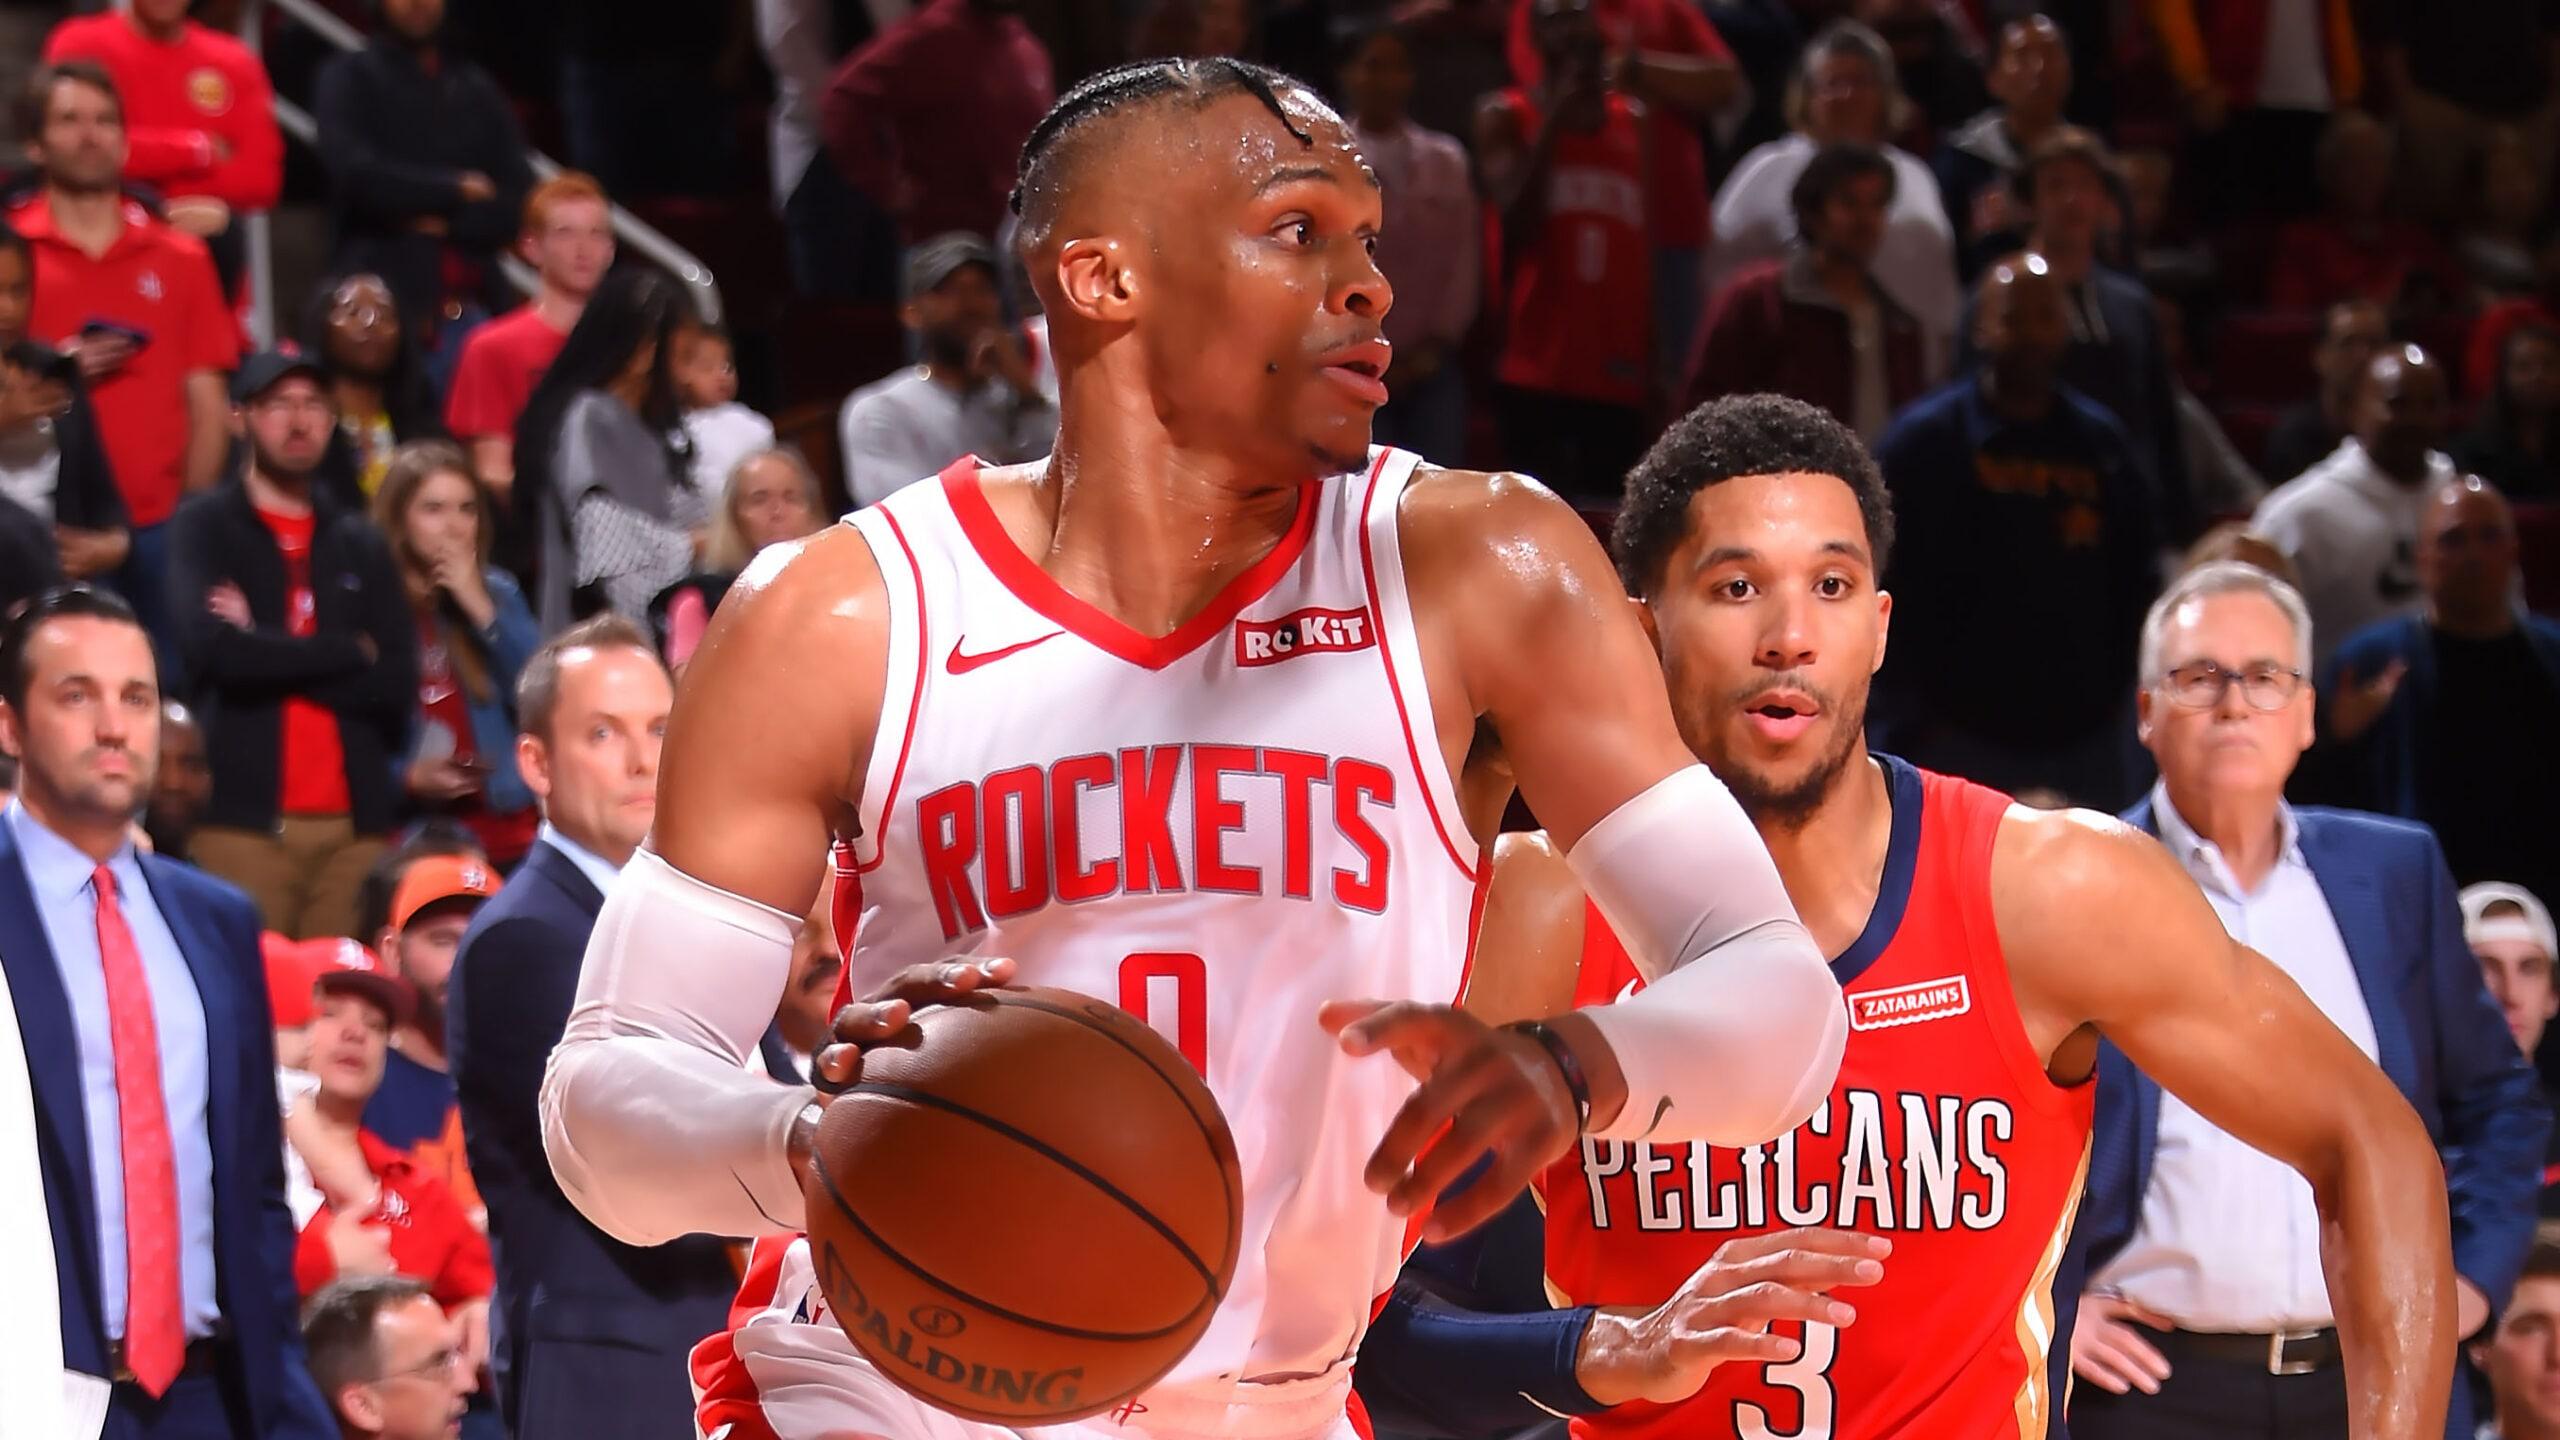 Pelicans @ Rockets